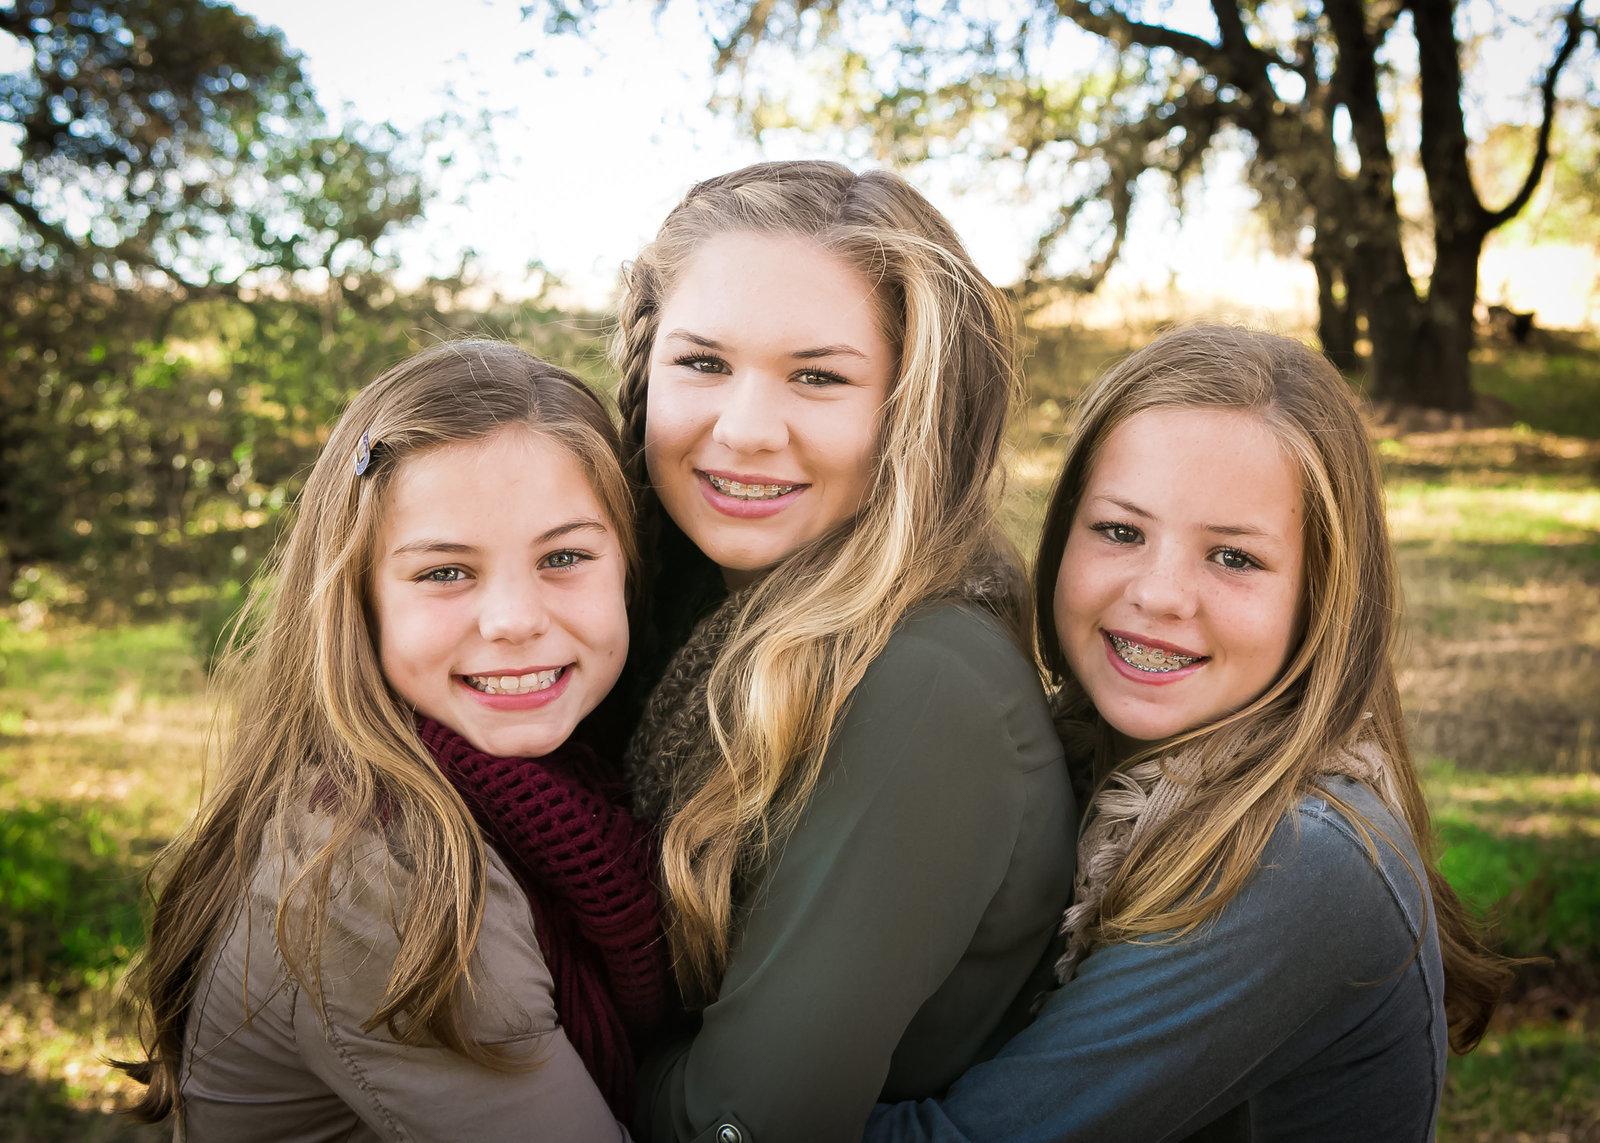 Families_Tastor Family, 2014-108